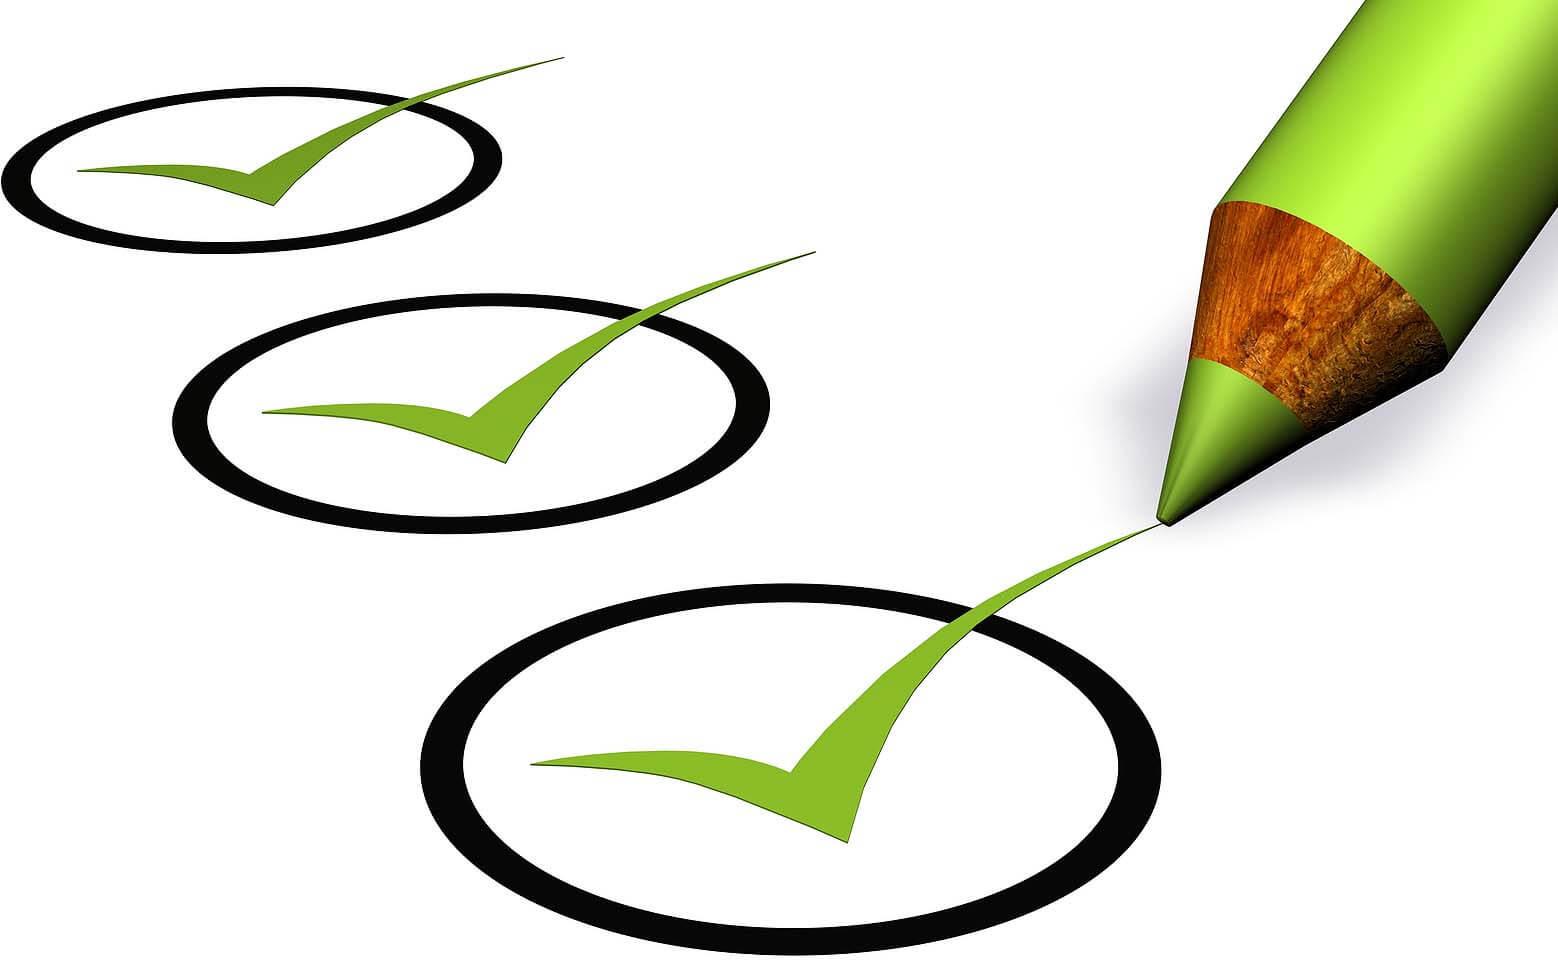 Comment bien gérer sont site internet: Ckeck-lists indispensables